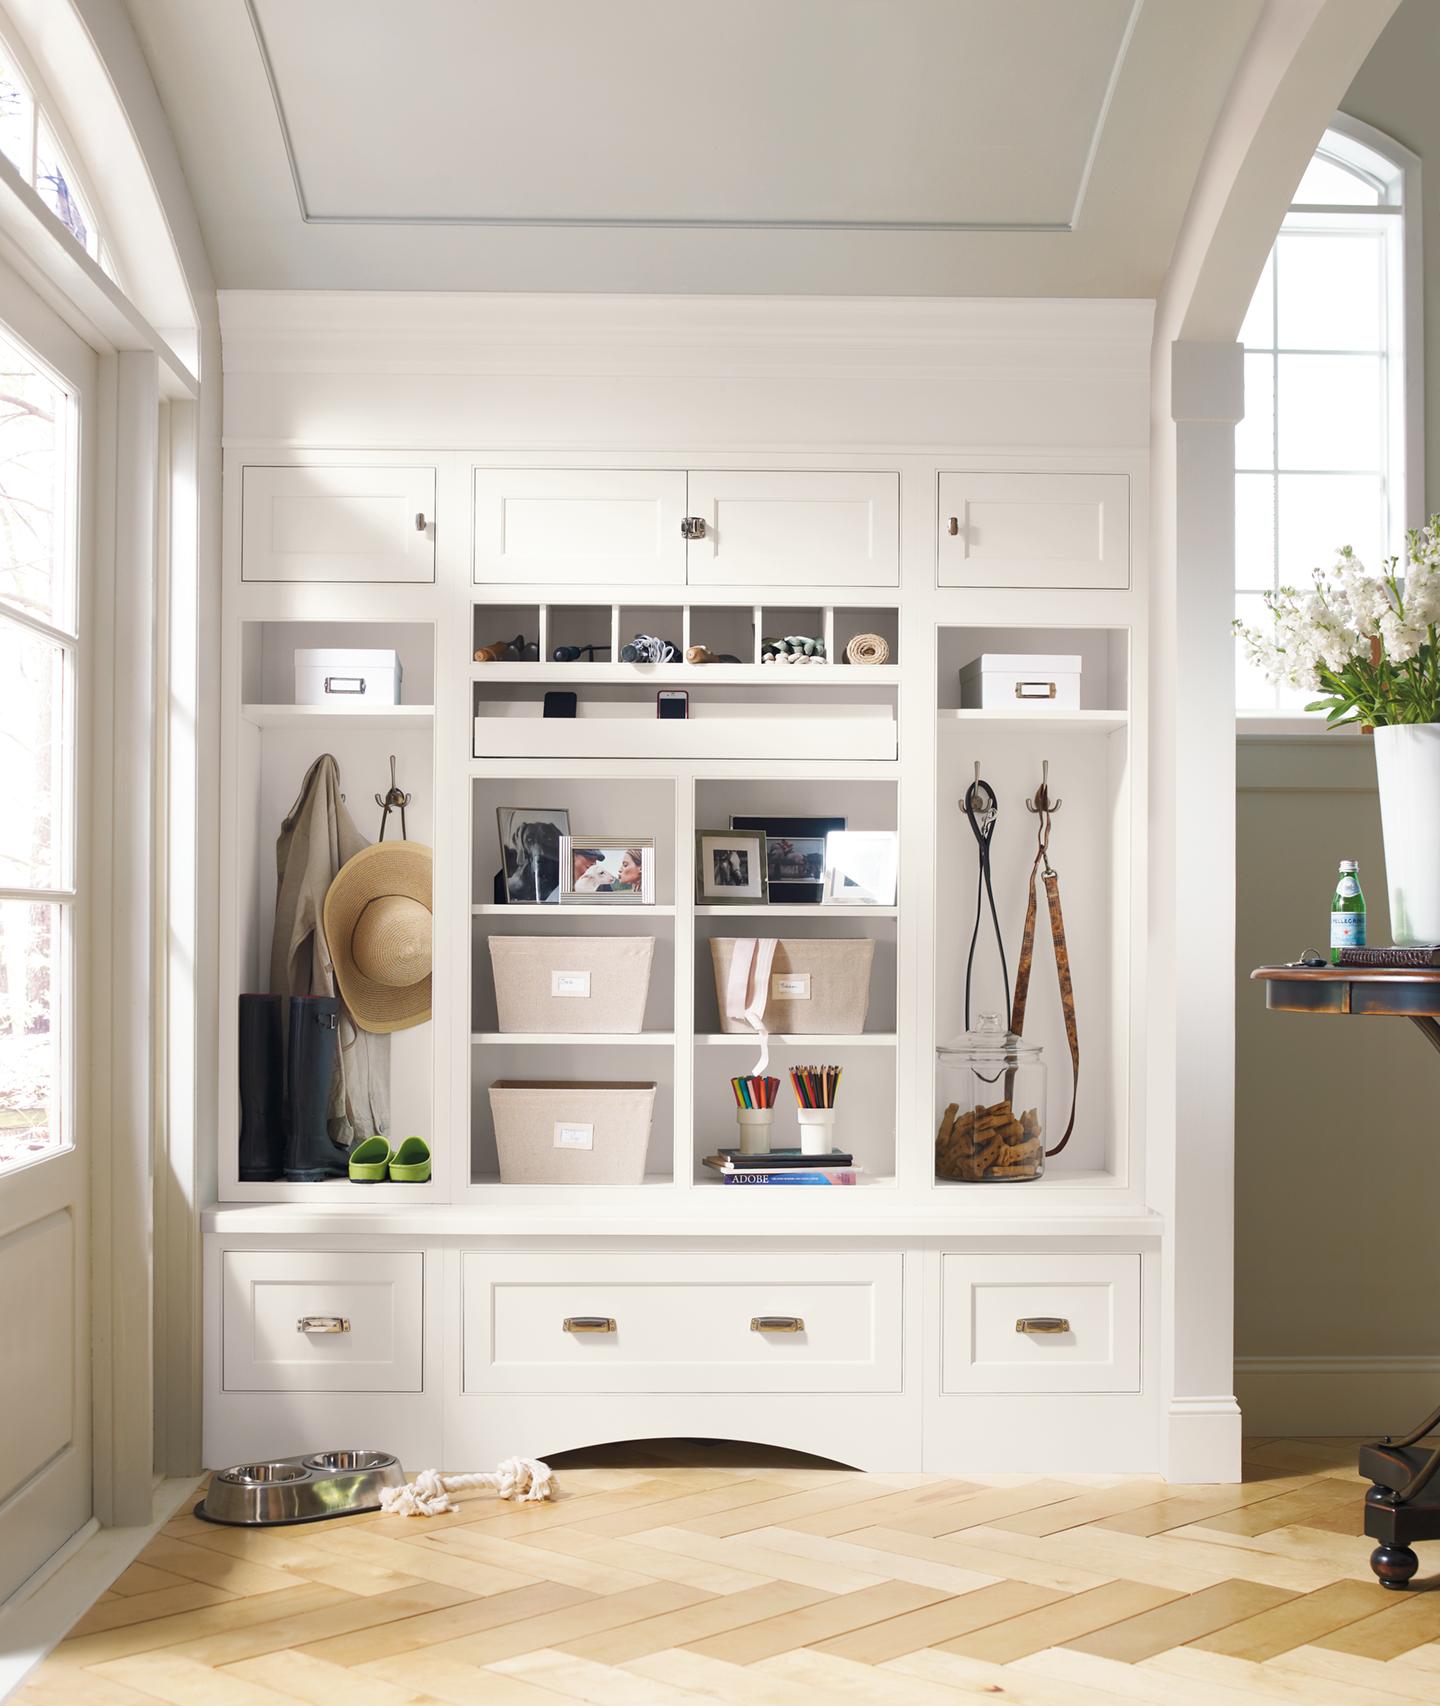 Decora Prescott | Fine Cabinetry Design